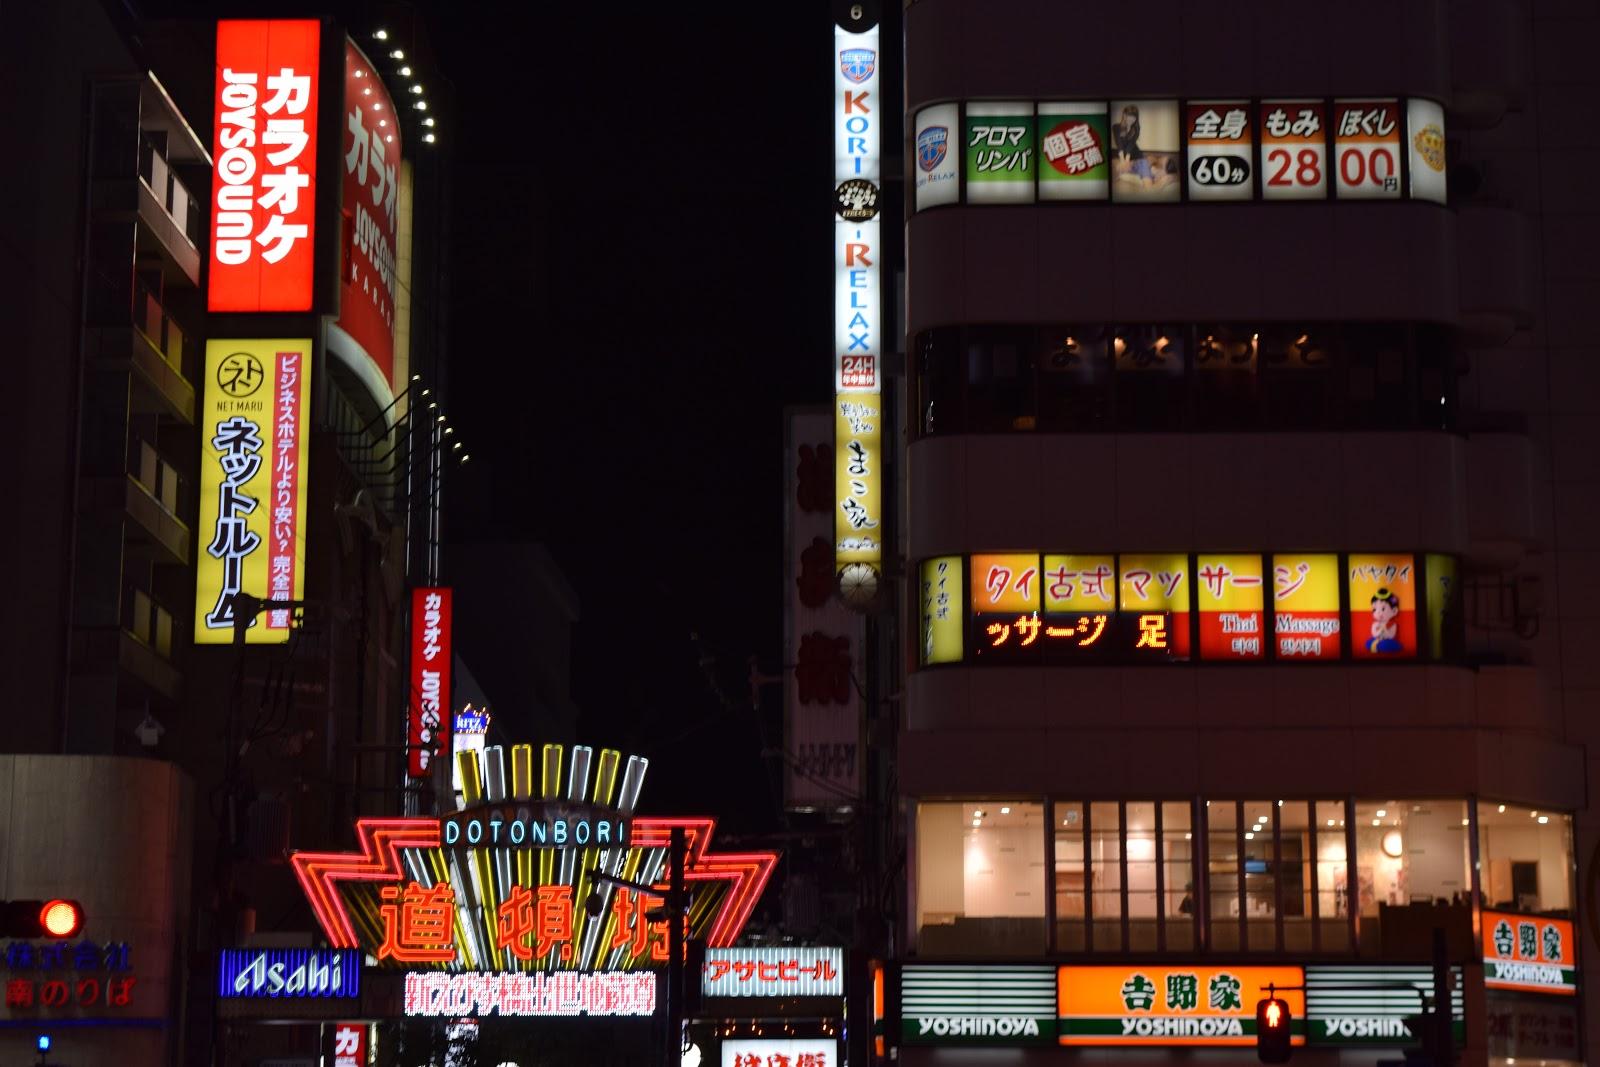 Dotombori, Osaka at night